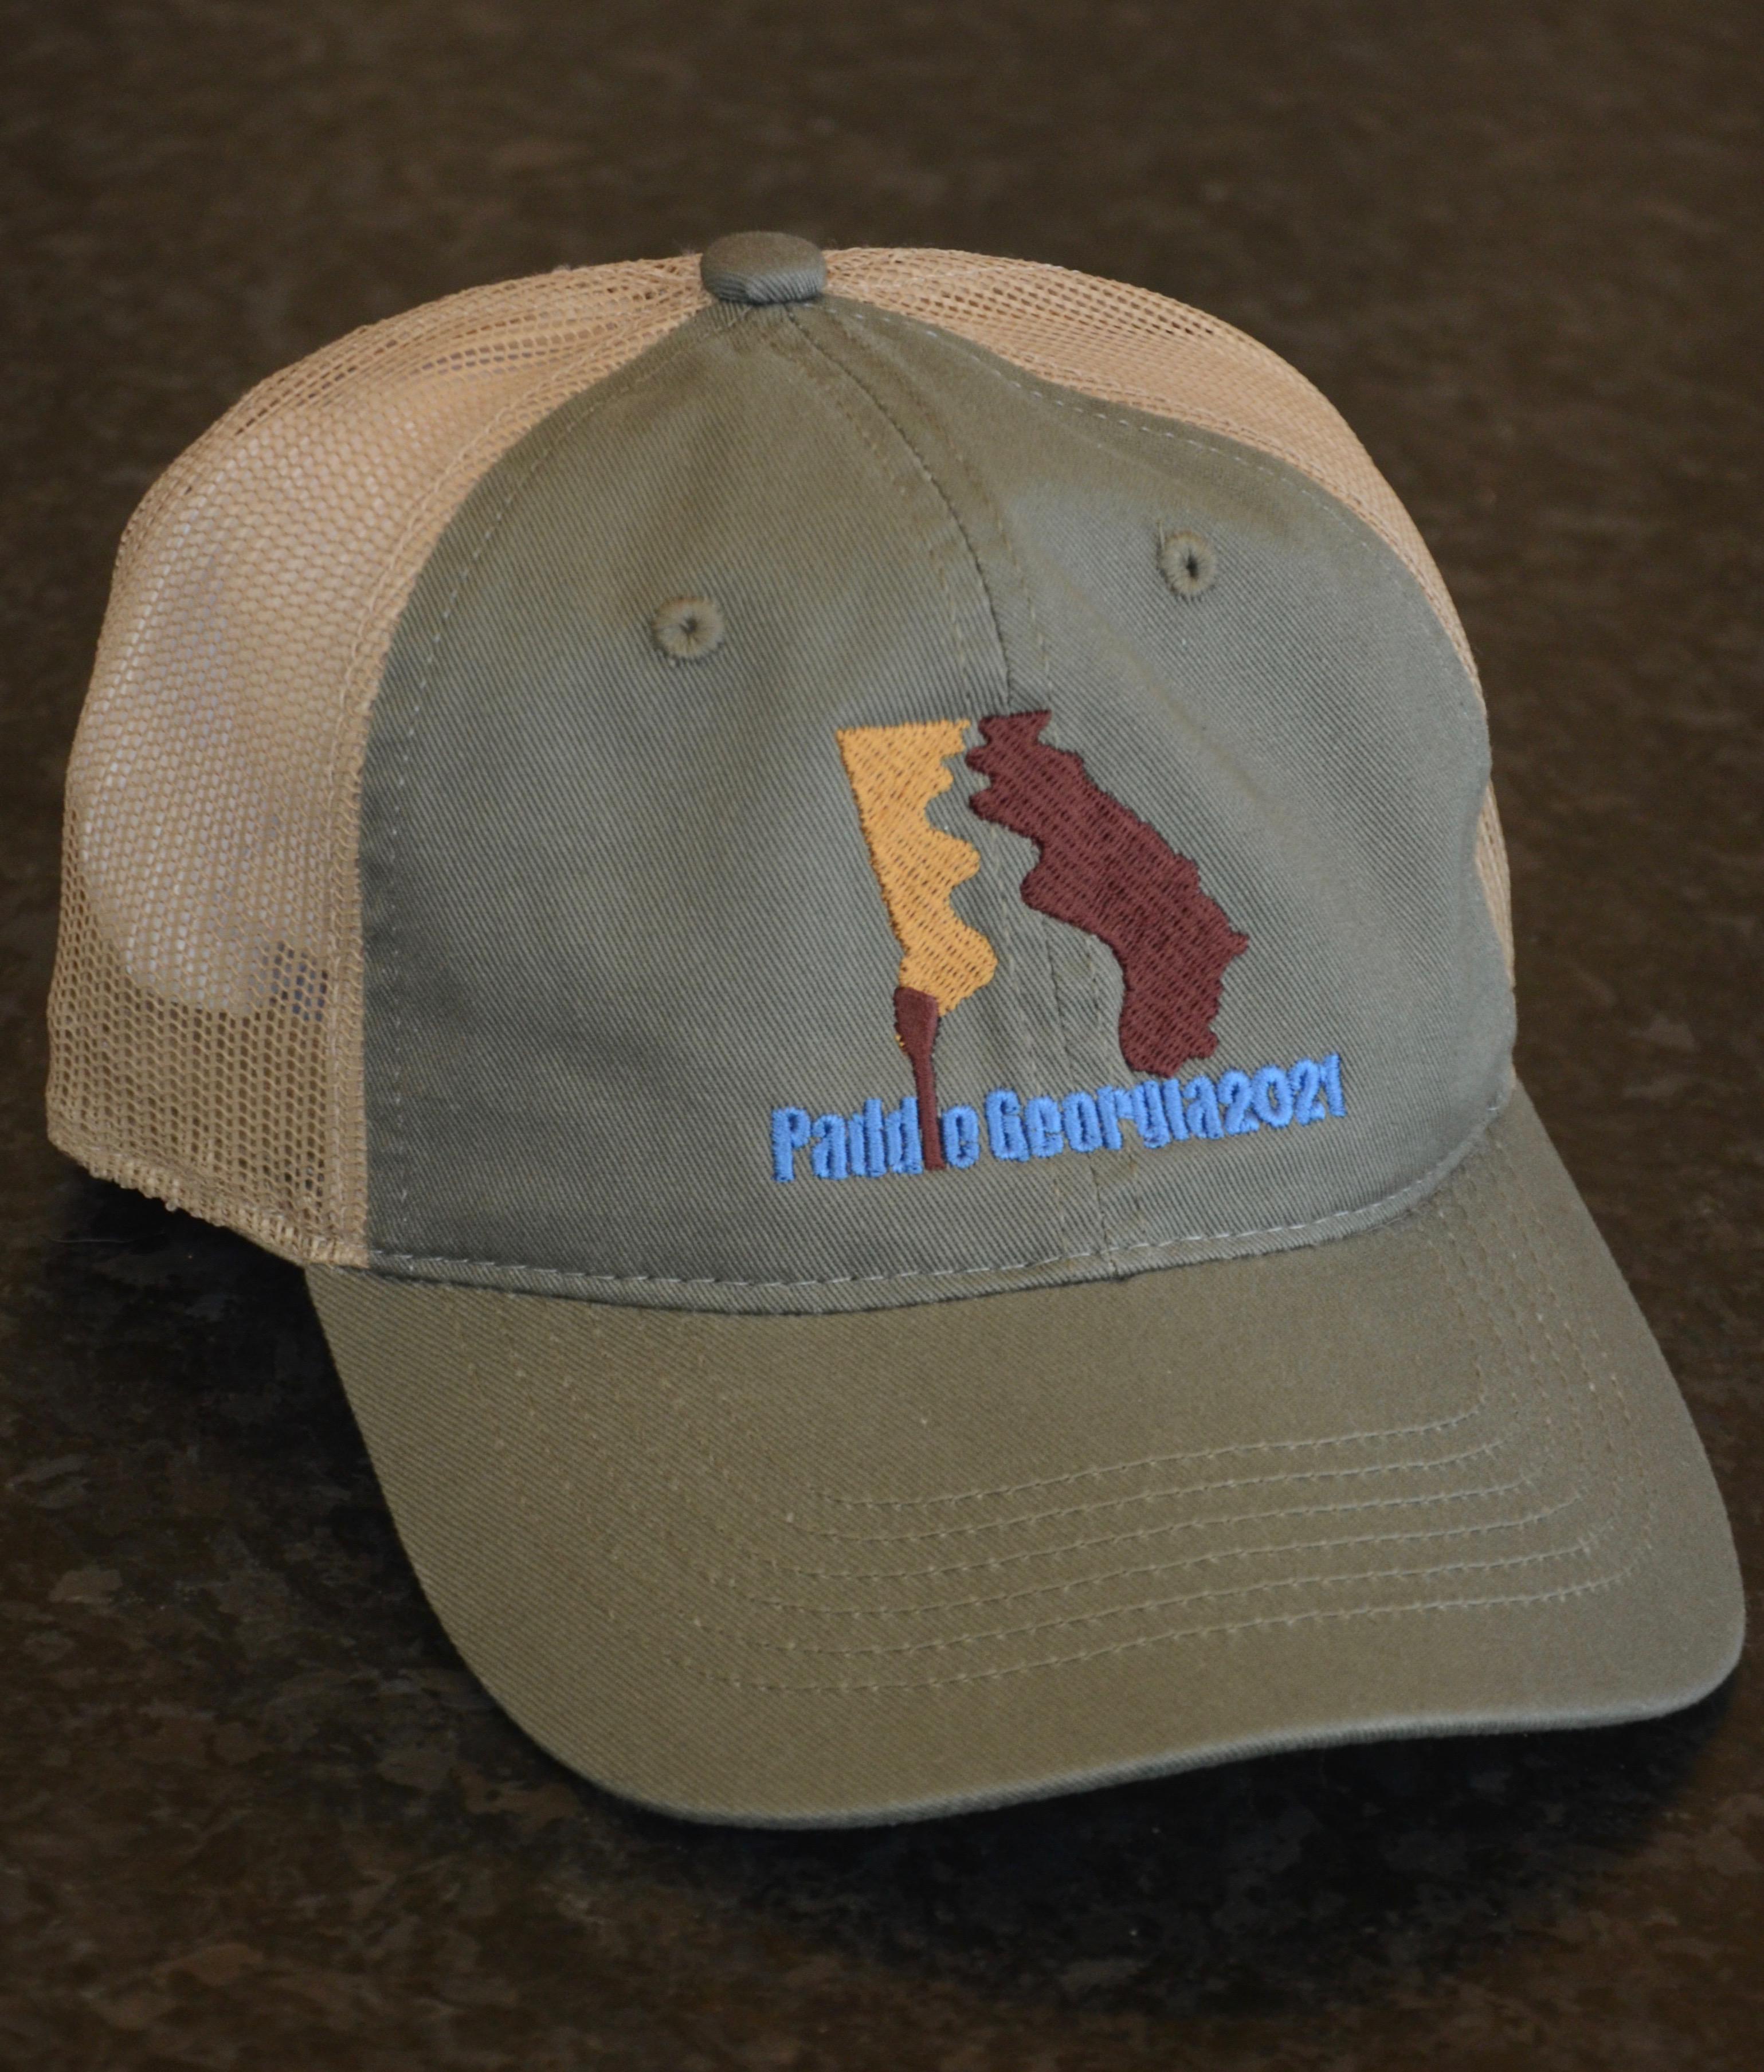 Paddle Georgia 2021 Trucker's Cap